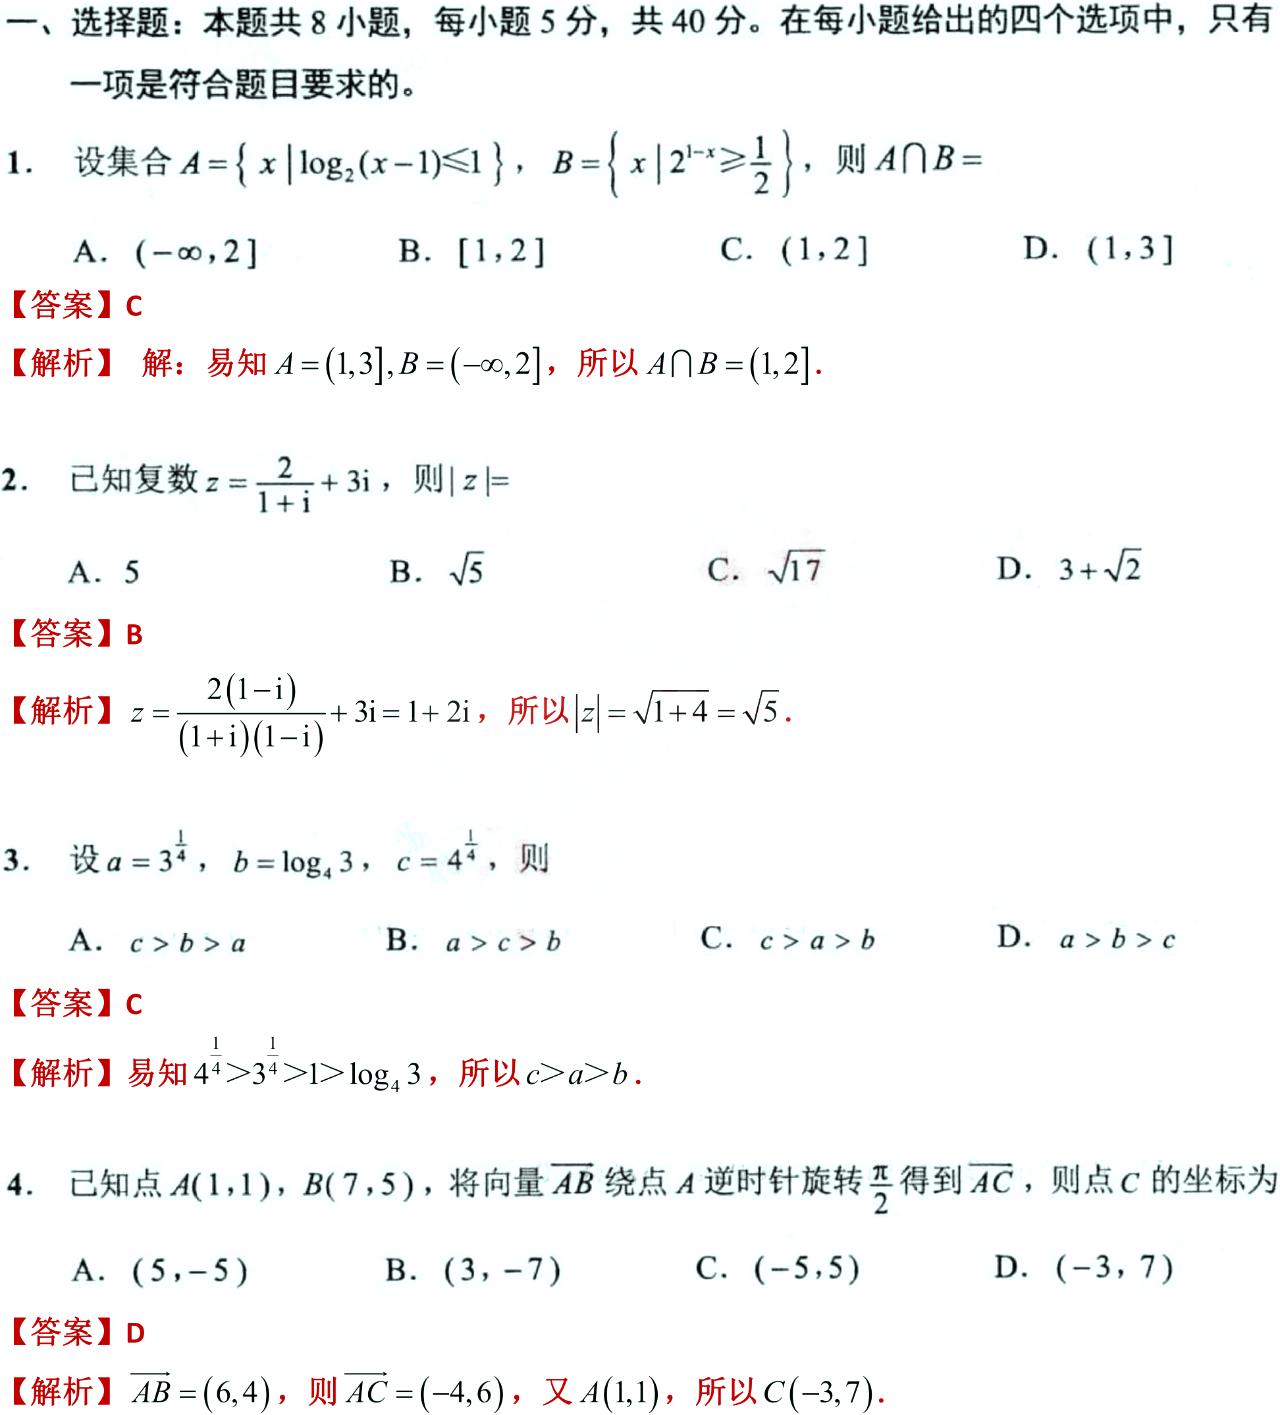 2021年苏北七市三模数学及答案 苏北七市高三第三次调研数学